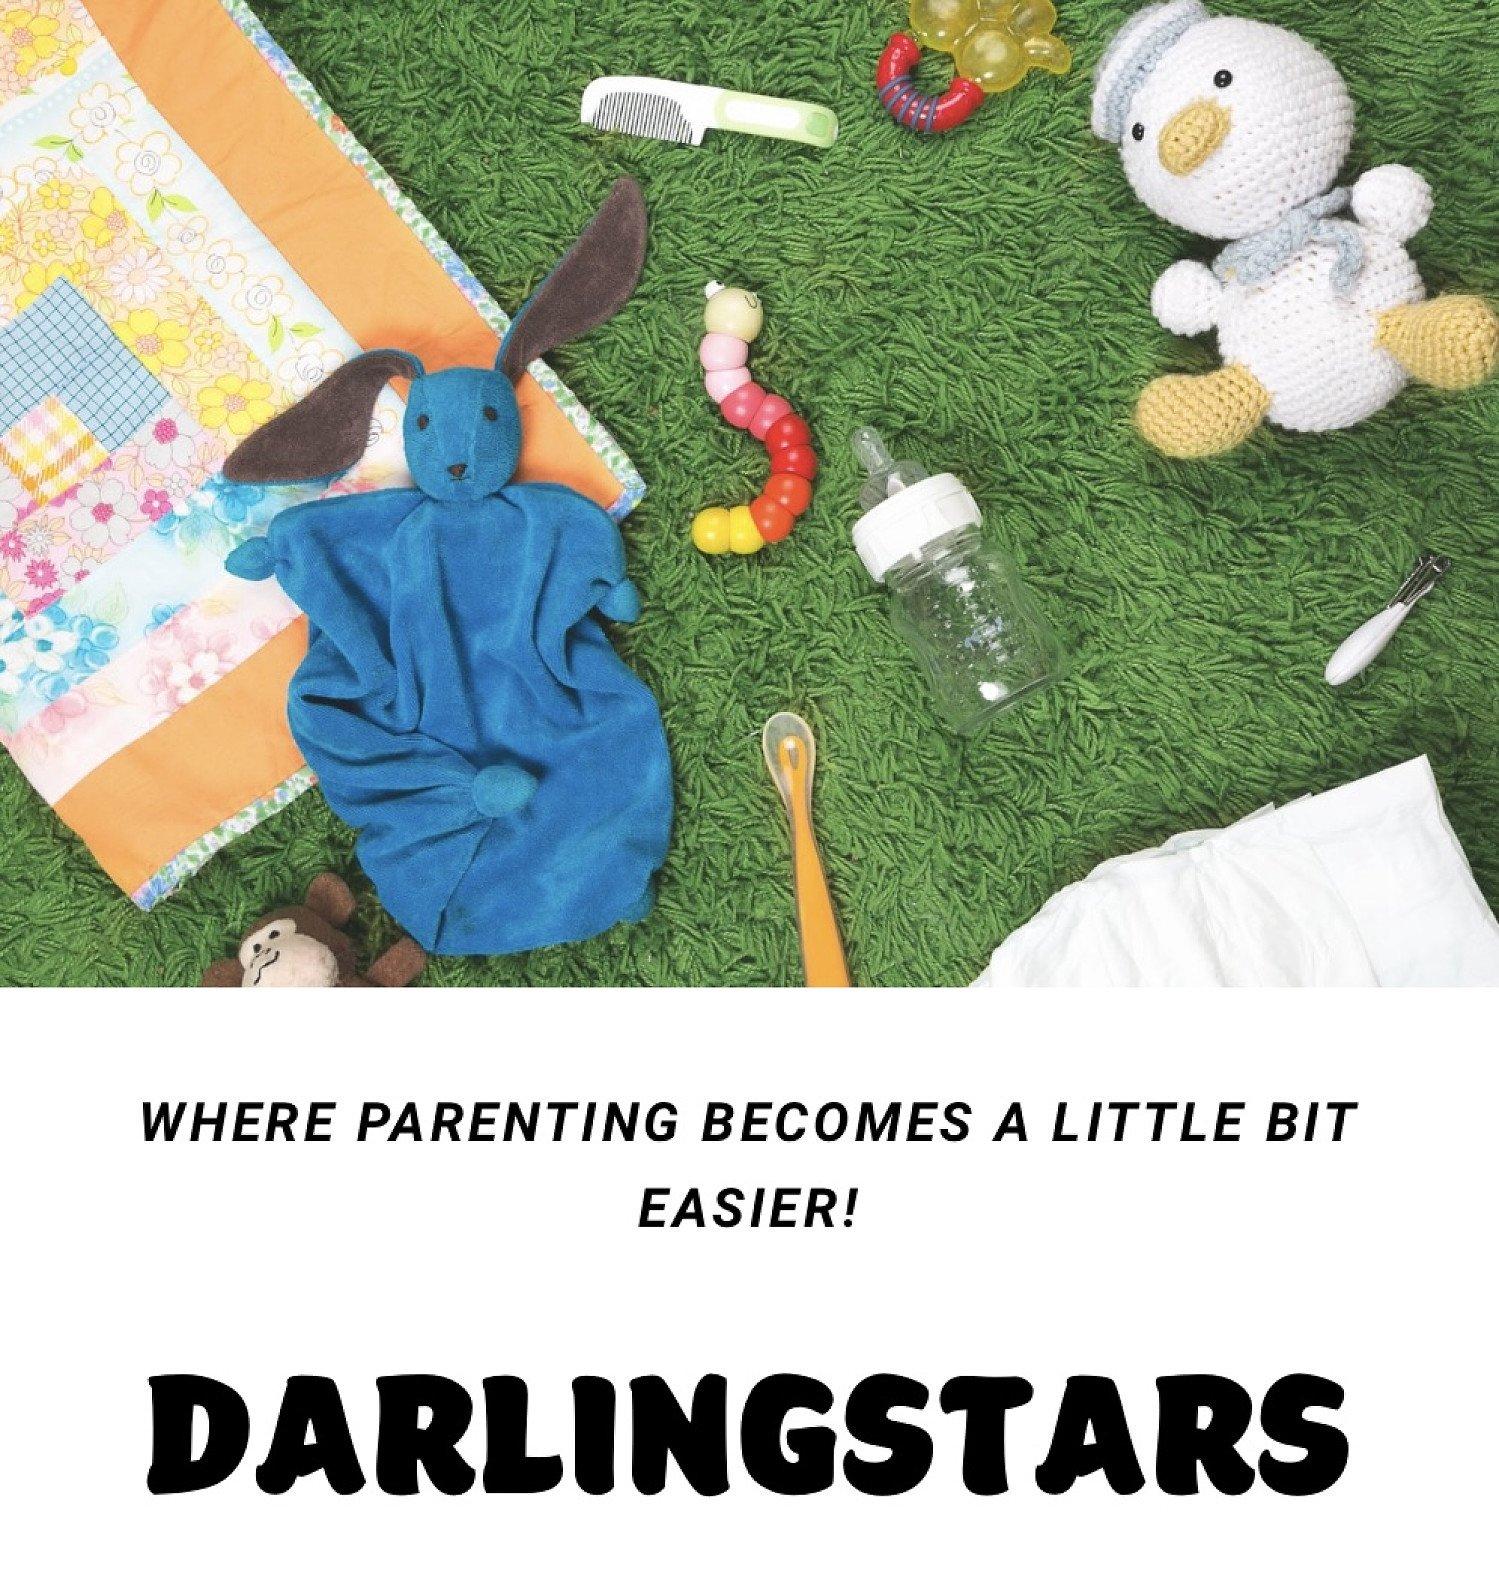 DarlingStars - MoreBabyGifts